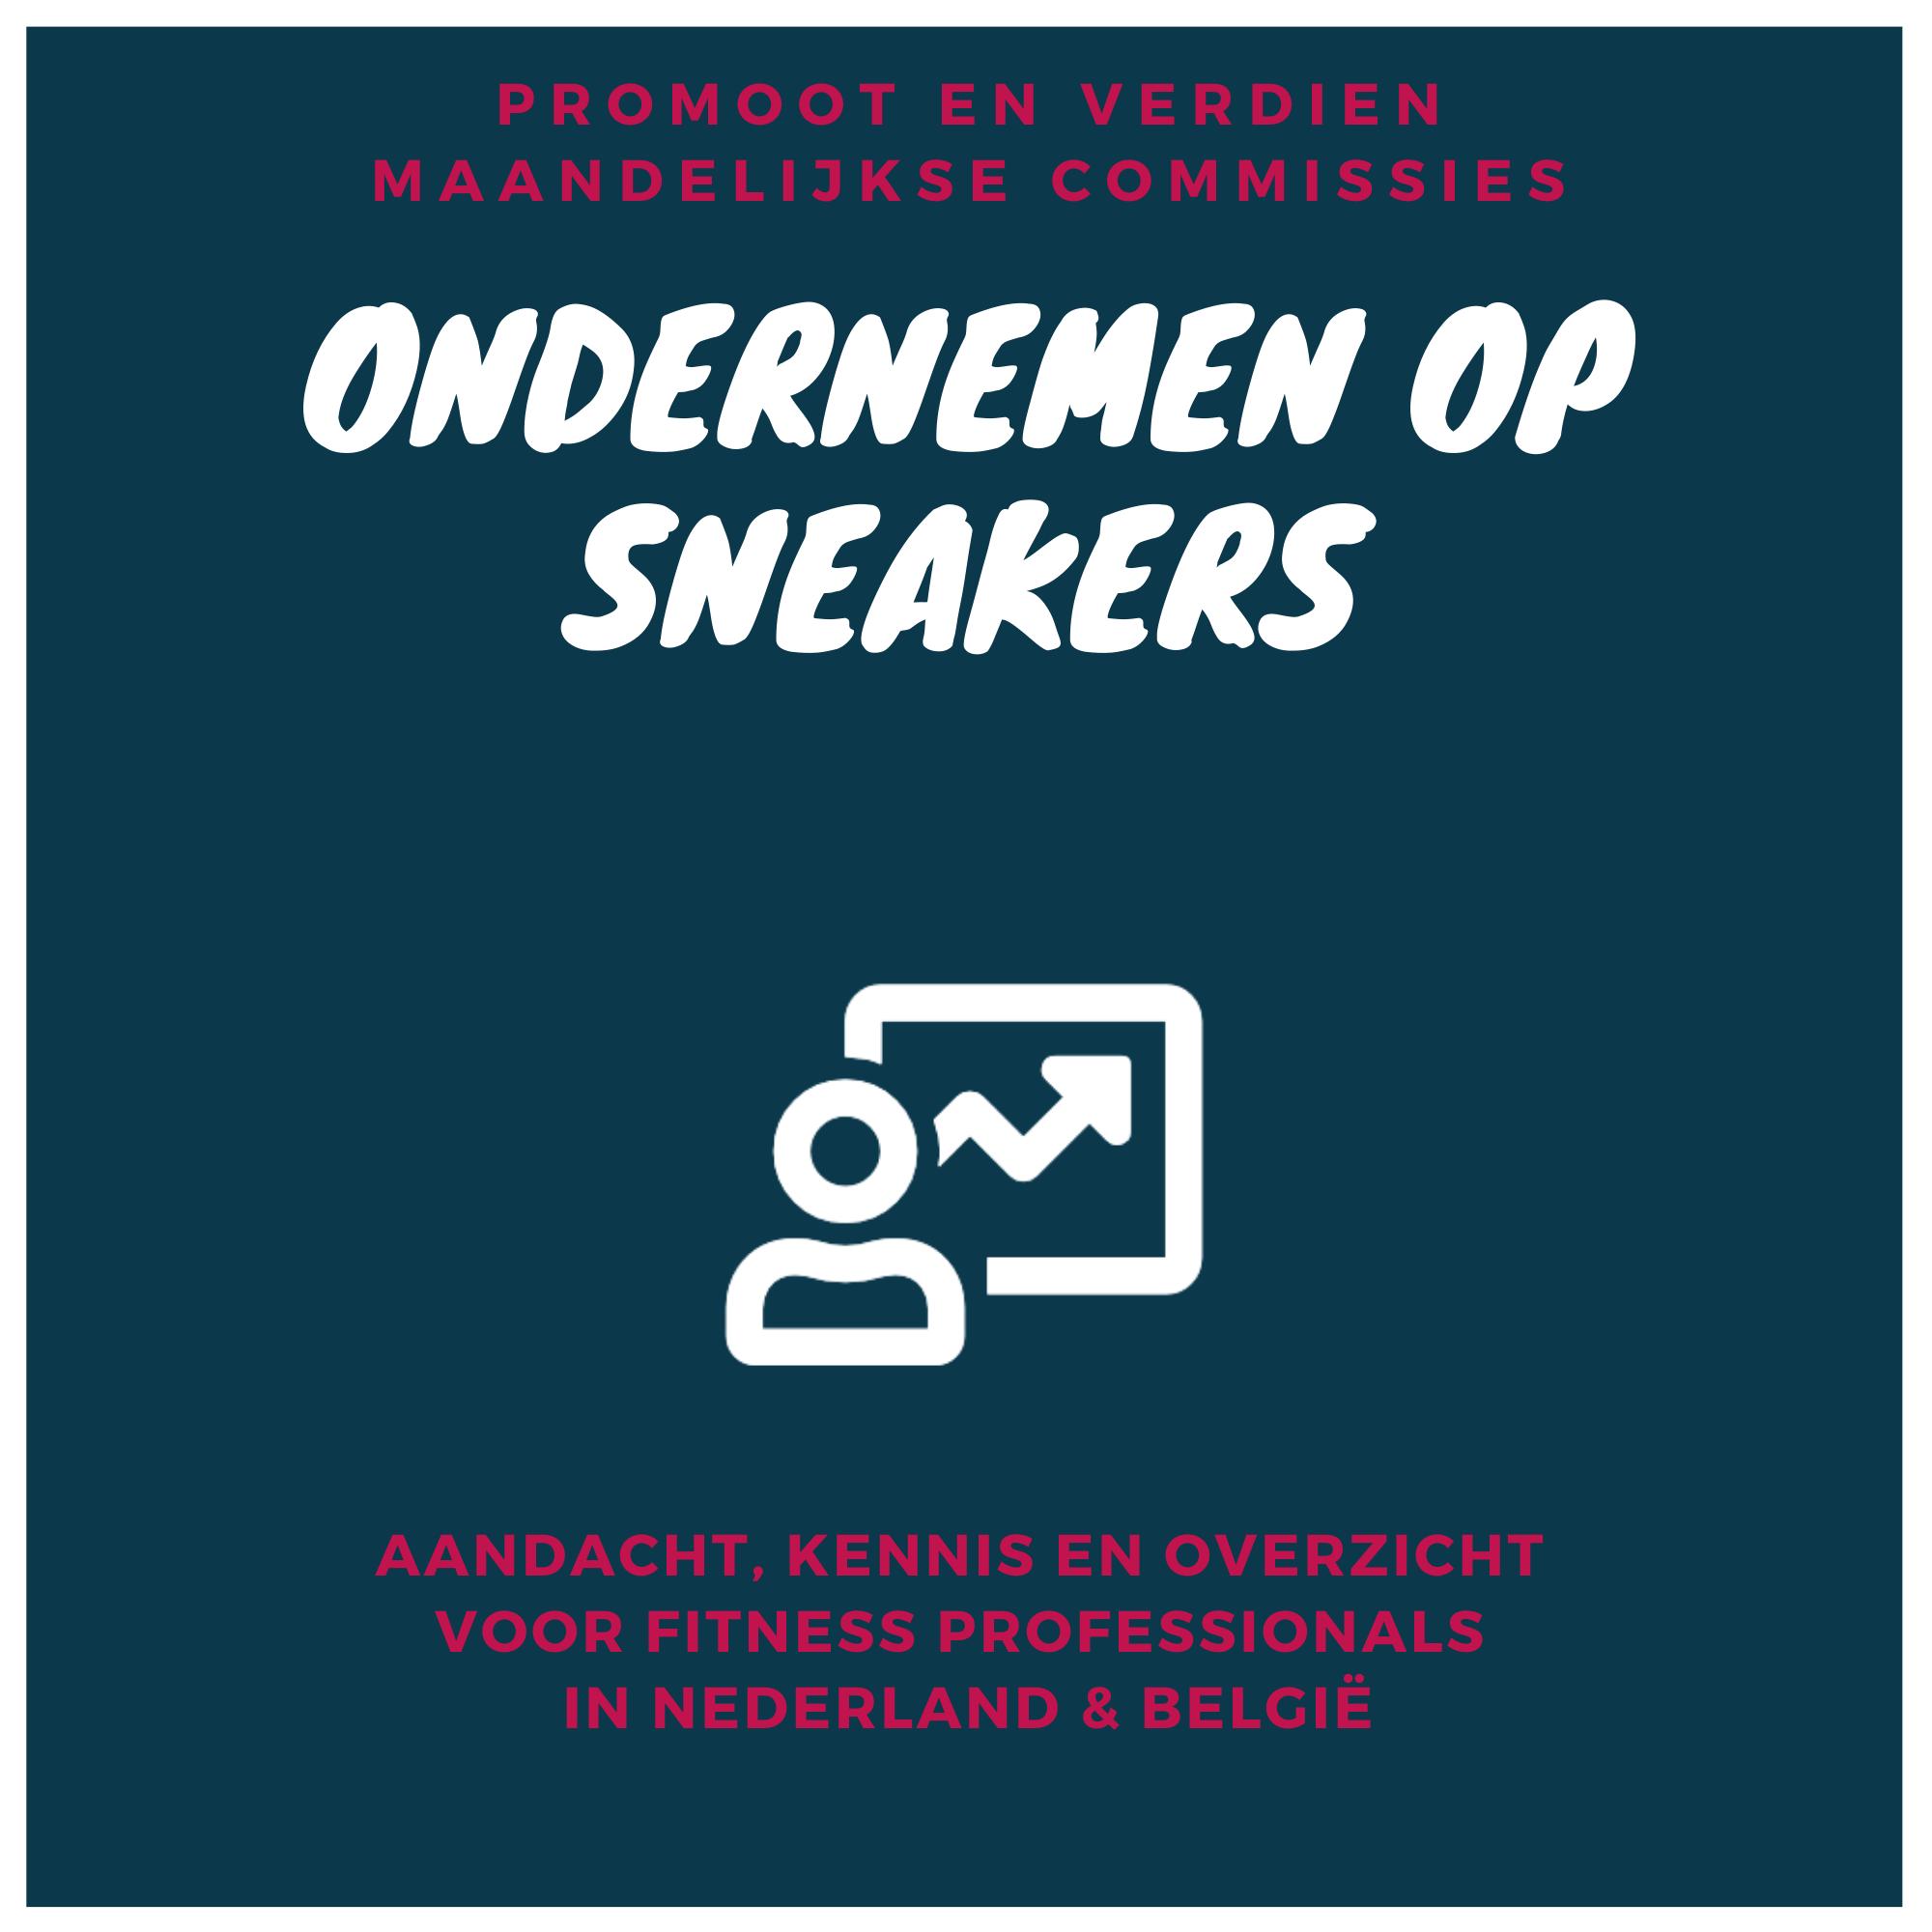 Ondernemen op Sneakers affiliate